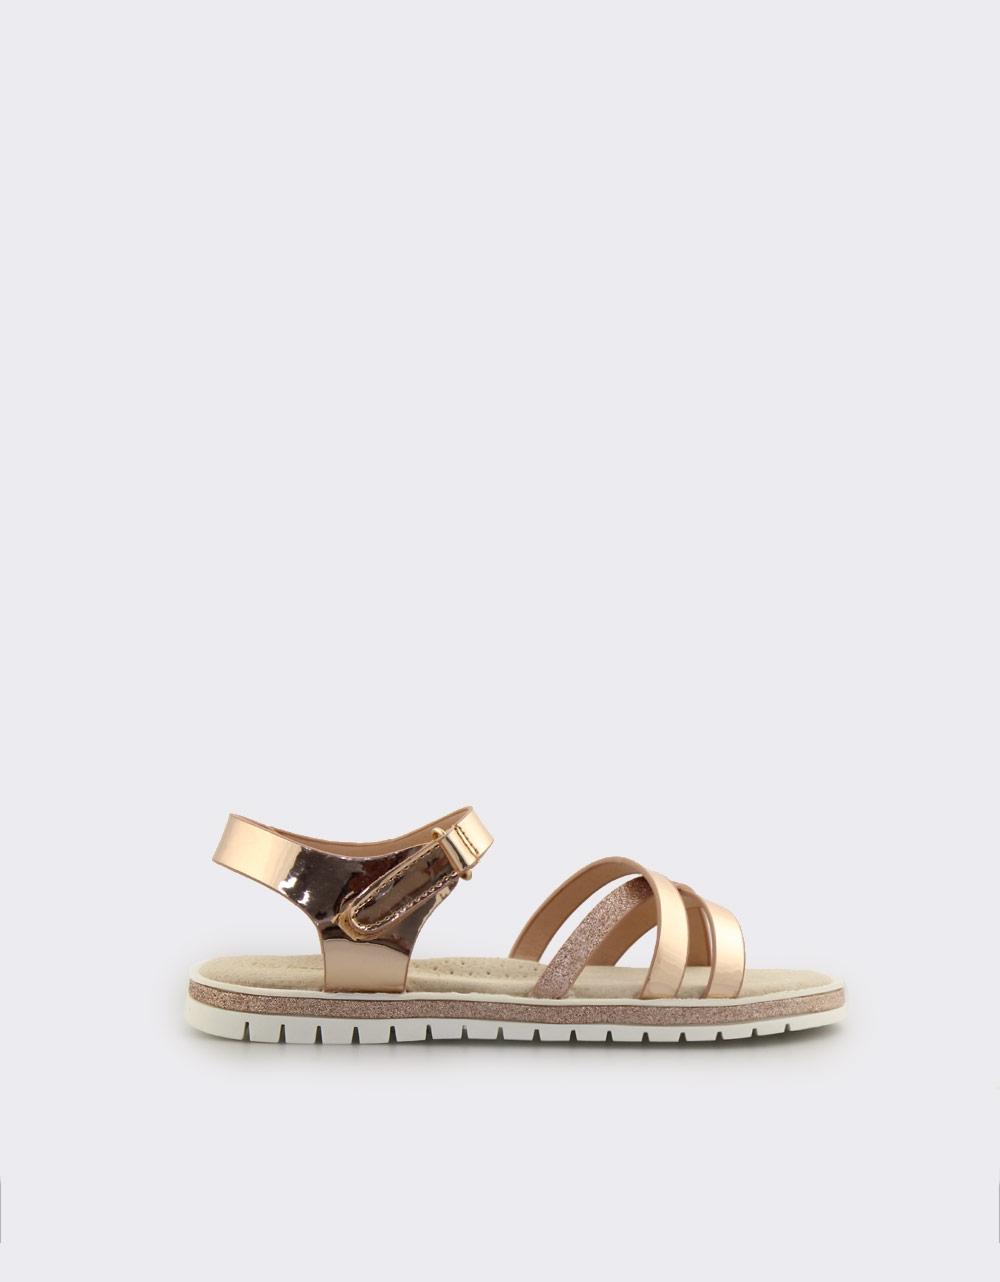 d17b59a8def Inshoes.gr. Παιδικά πέδιλα με glitter   InShoes.gr Χρυσό